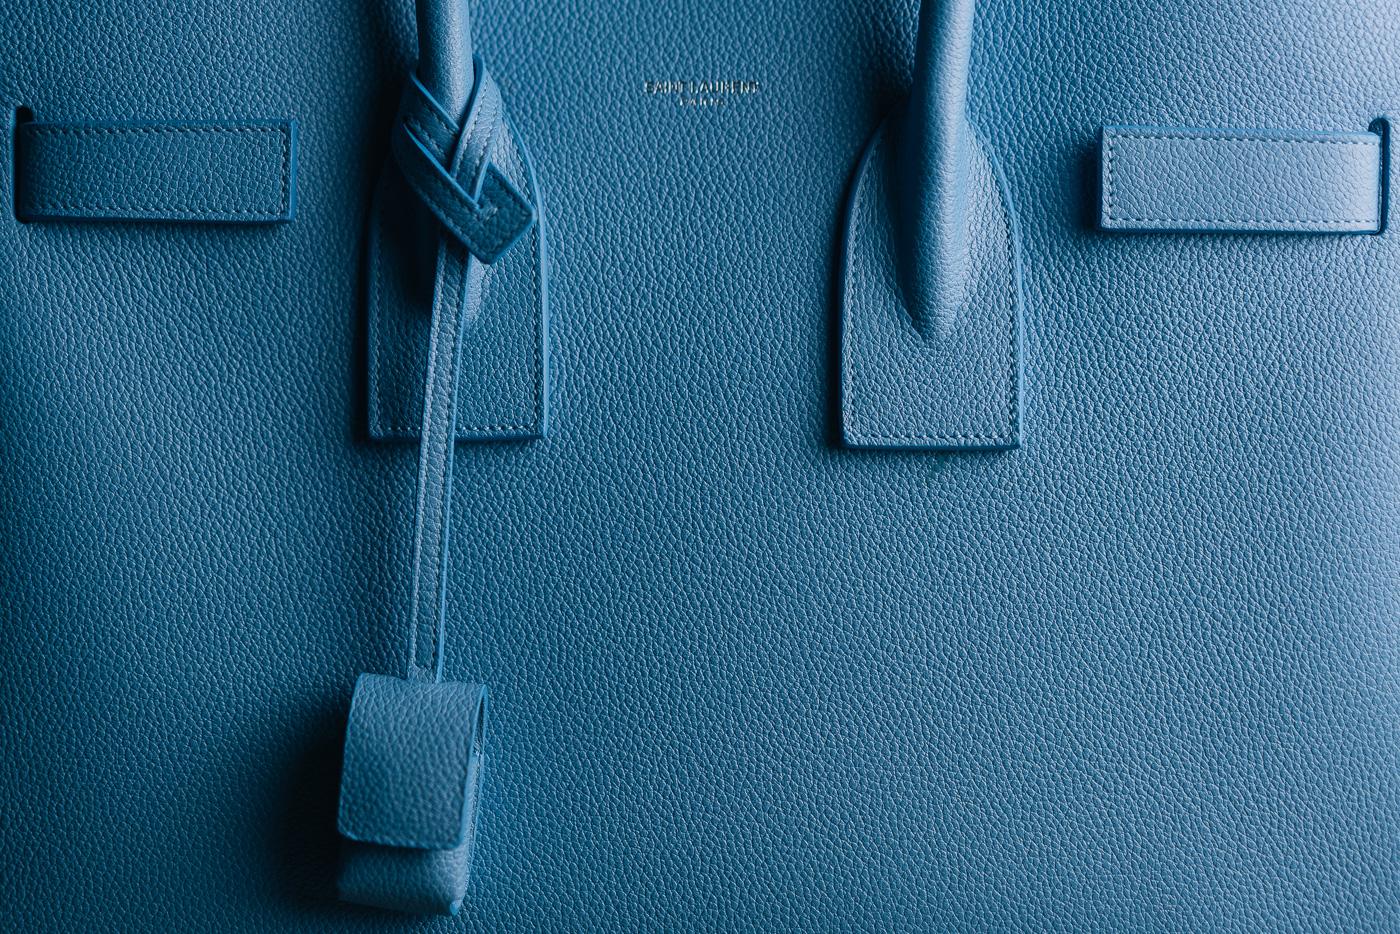 Saint Laurent Sac de Jour Light Blue (3)